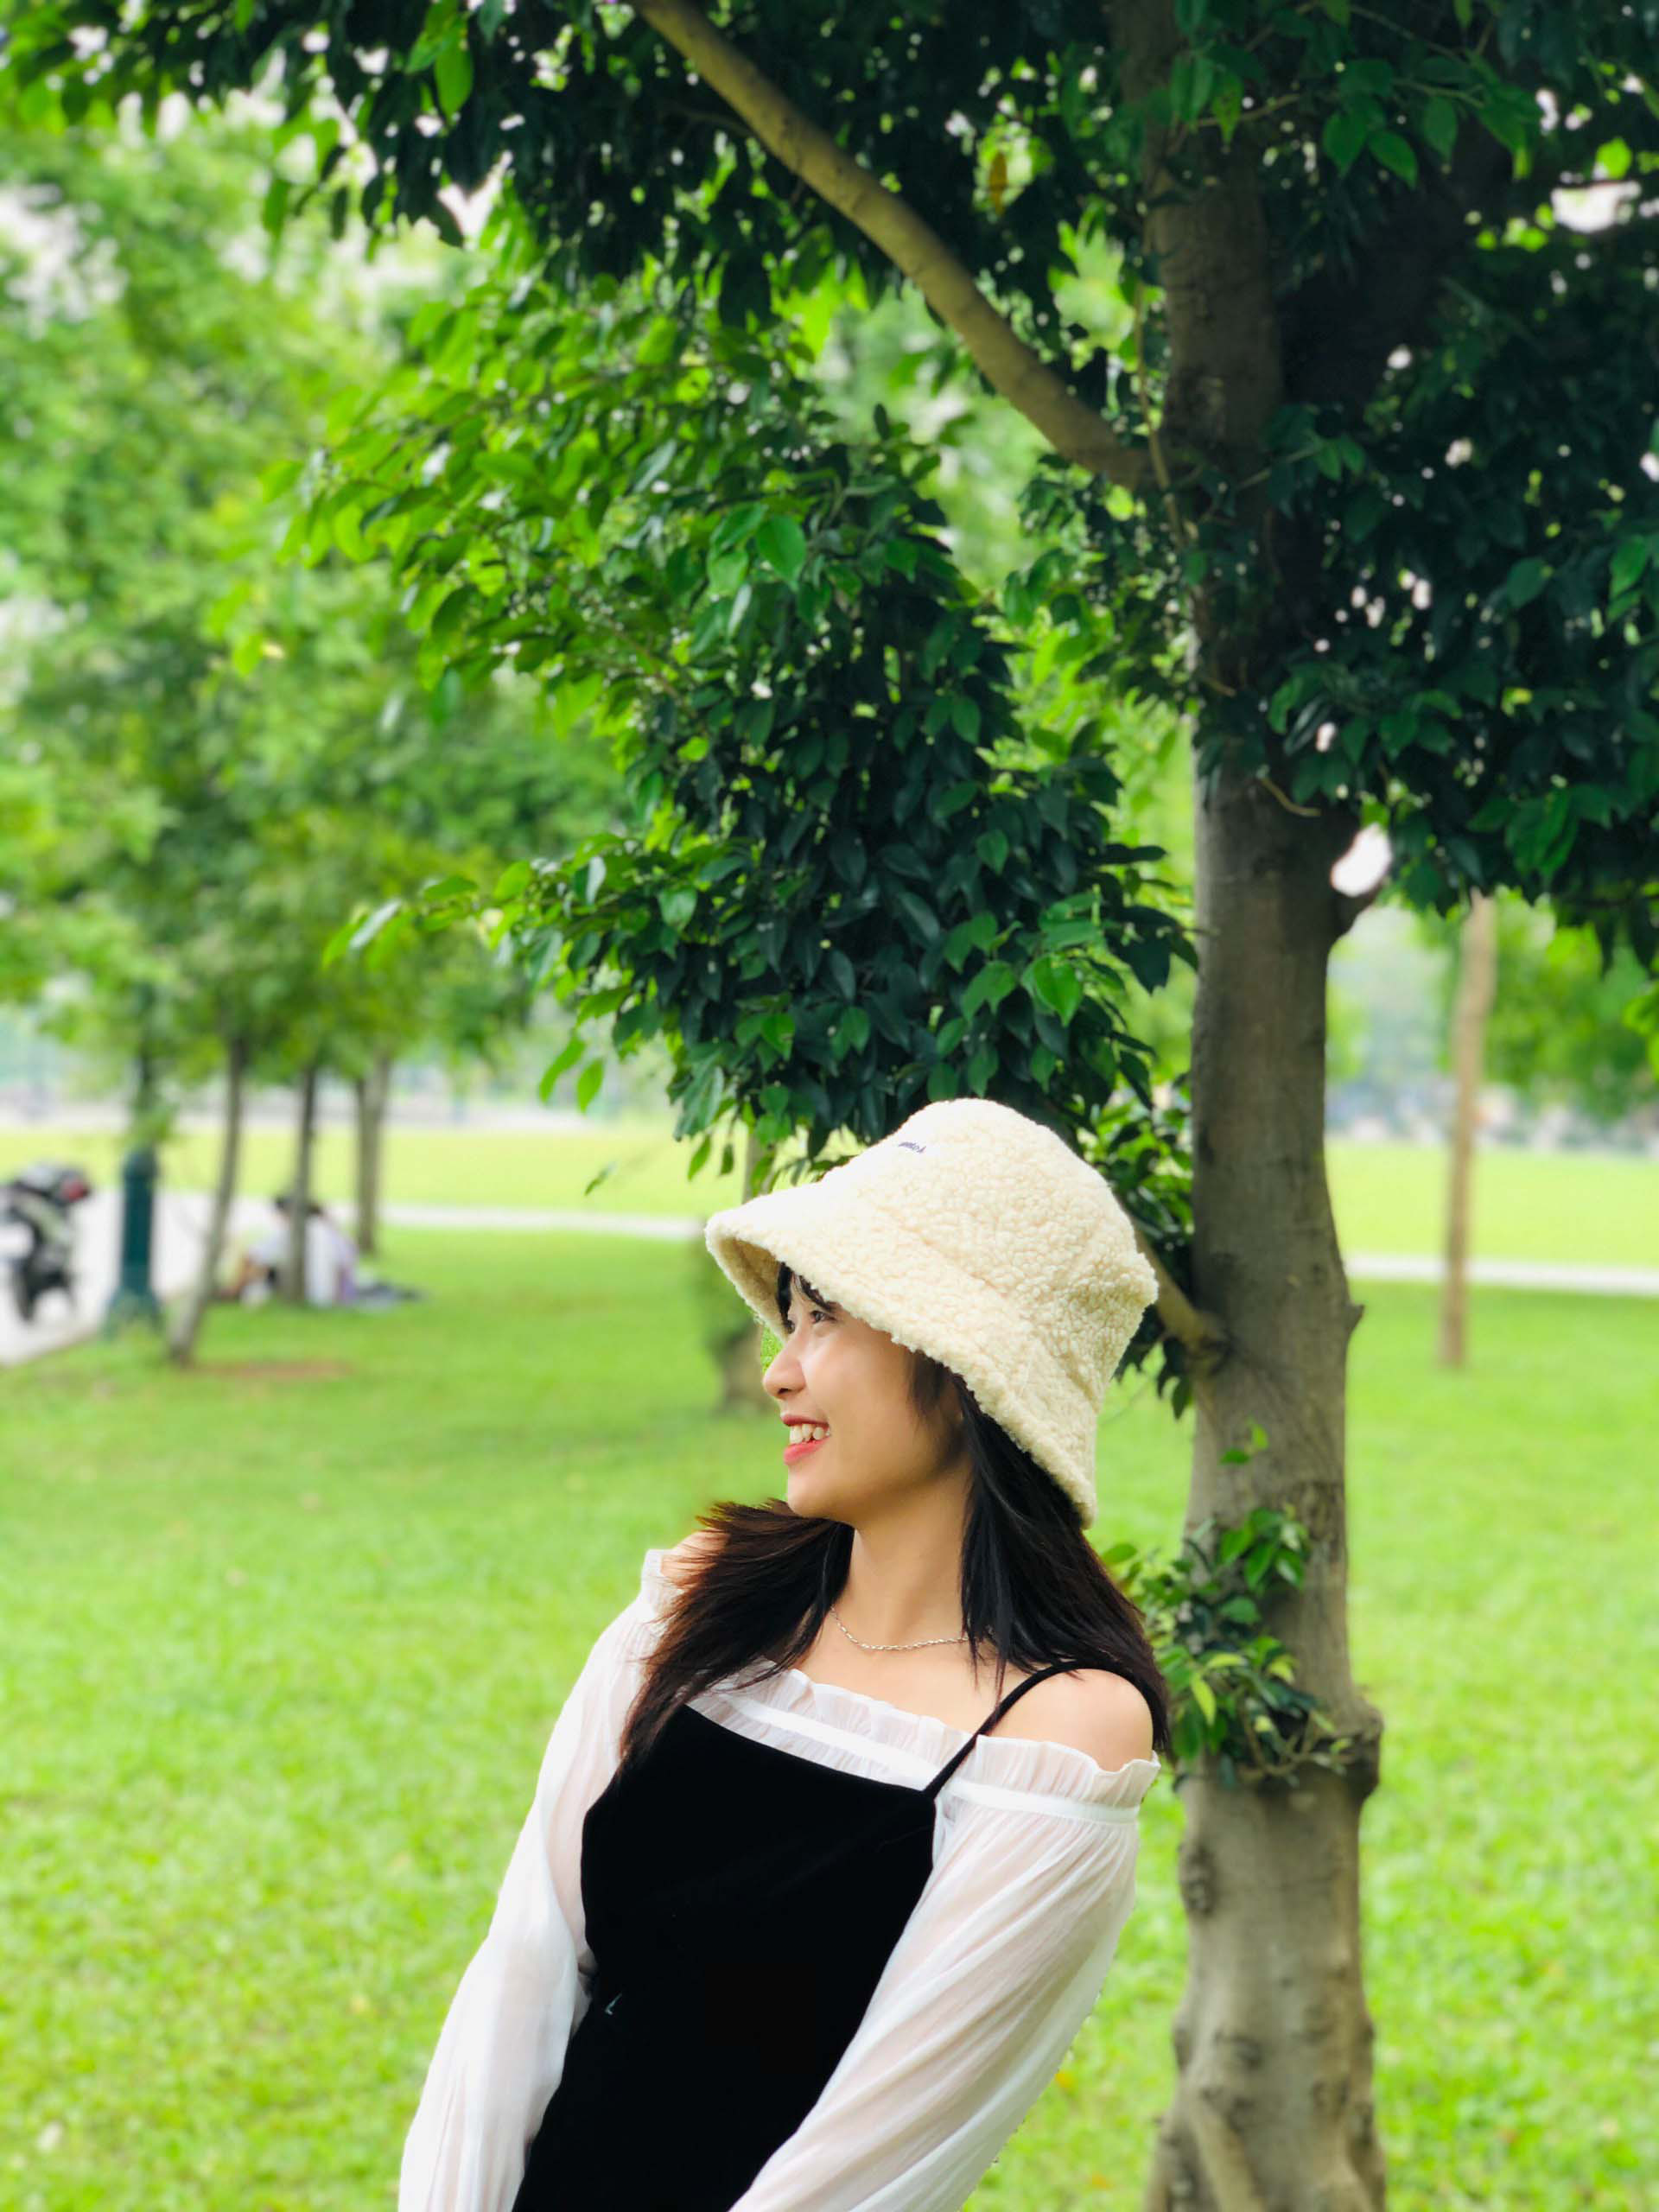 Khám phá tọa độ check-in với 1001 góc sống ảo hút hồn giới trẻ ngay trong lòng thủ đô Hà Nội - Ảnh 7.